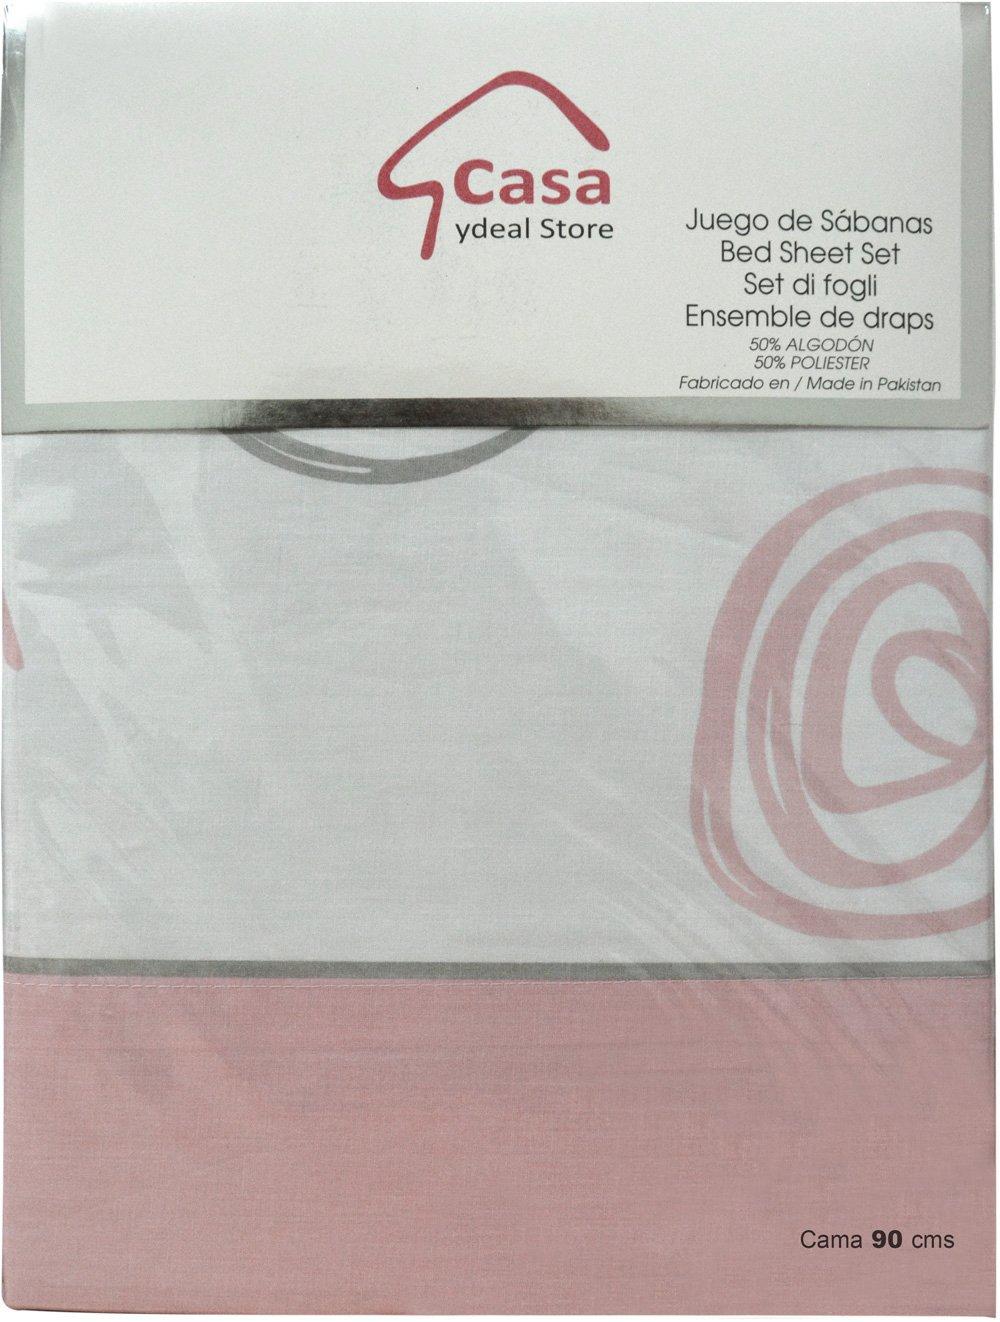 Casa Ydeal Store Juego de Sábanas Espirales 50% algodón 50% poliéster (90cm, Beige): Amazon.es: Hogar